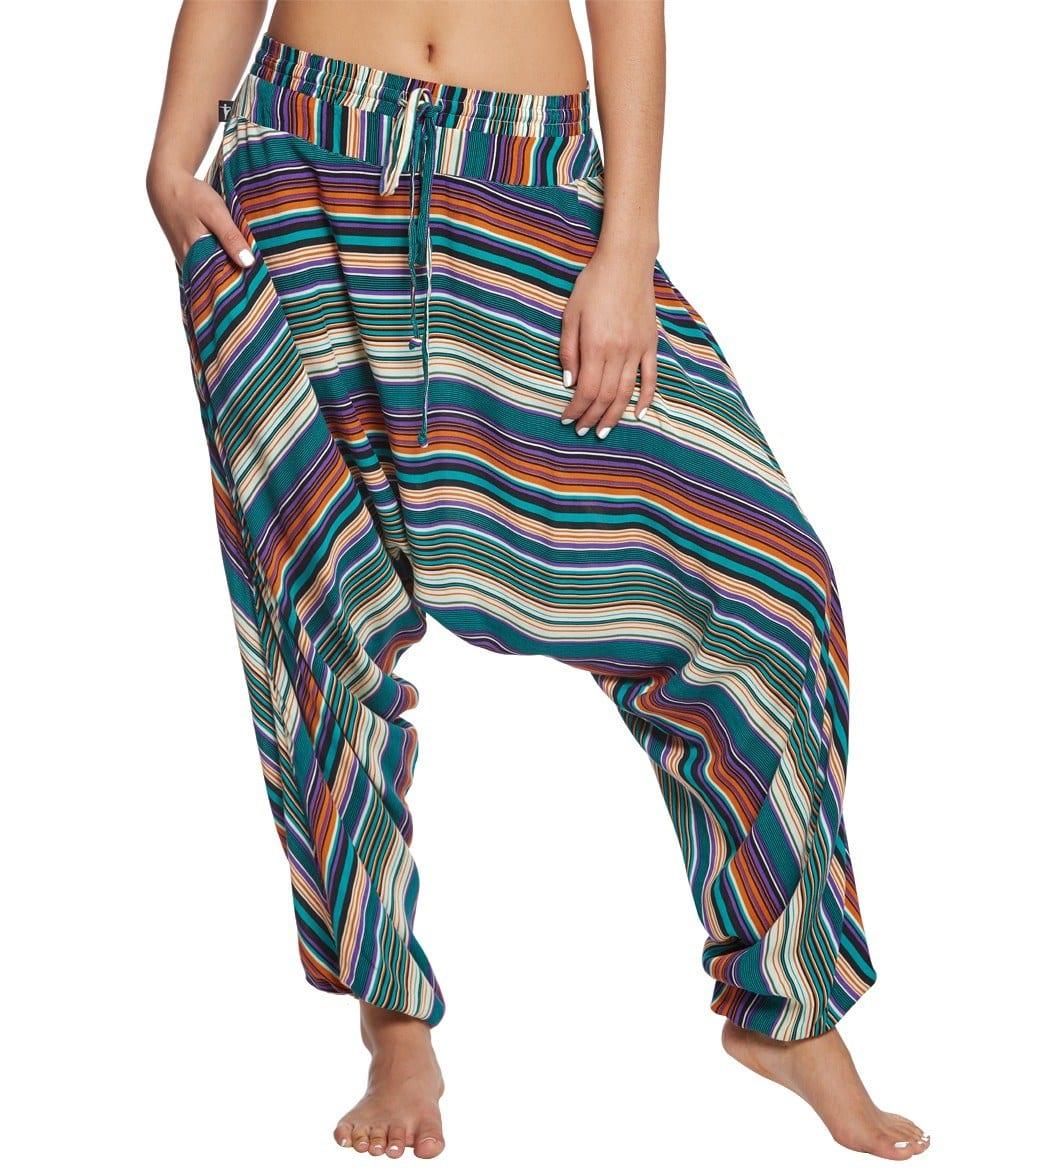 f5e13022bb74 Buddha Pants Stripes Harem Pants at YogaOutlet.com - Free Shipping